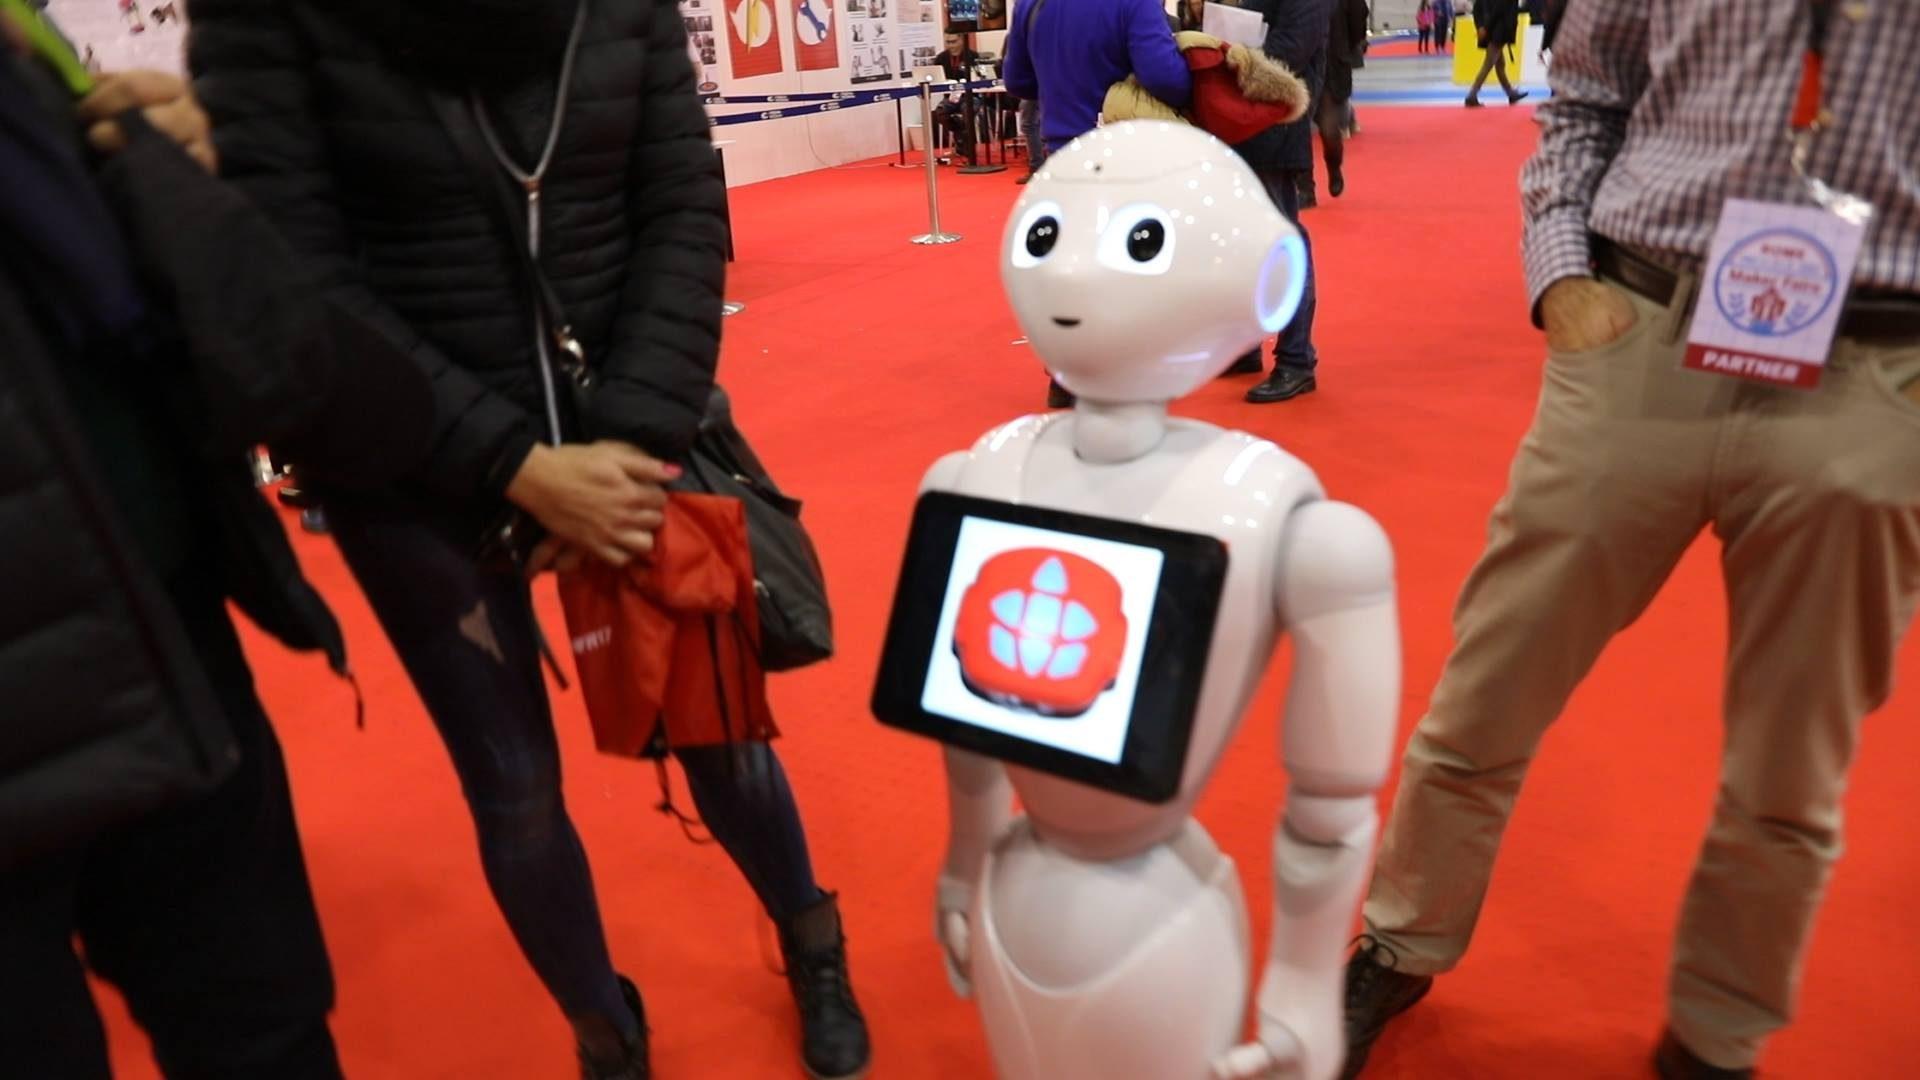 Robot che giocano a calcio, infornano pizze e servono drink: che spettacolo la Maker Faire